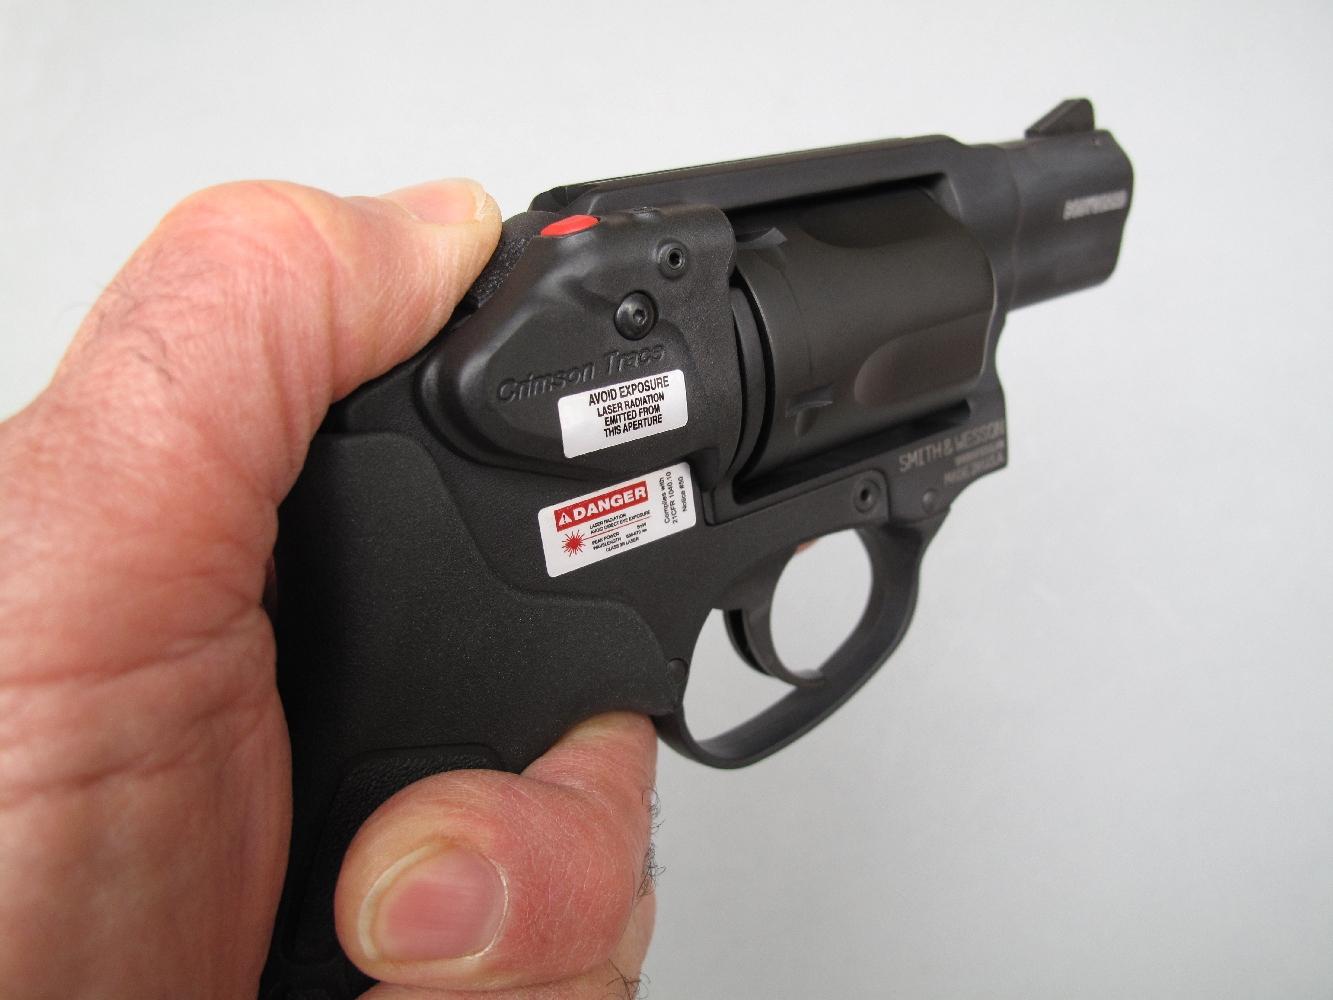 La disposition ambidextre des commandes de ce nouveau revolver de défense intéressera tout particulièrement les utilisateurs gauchers.